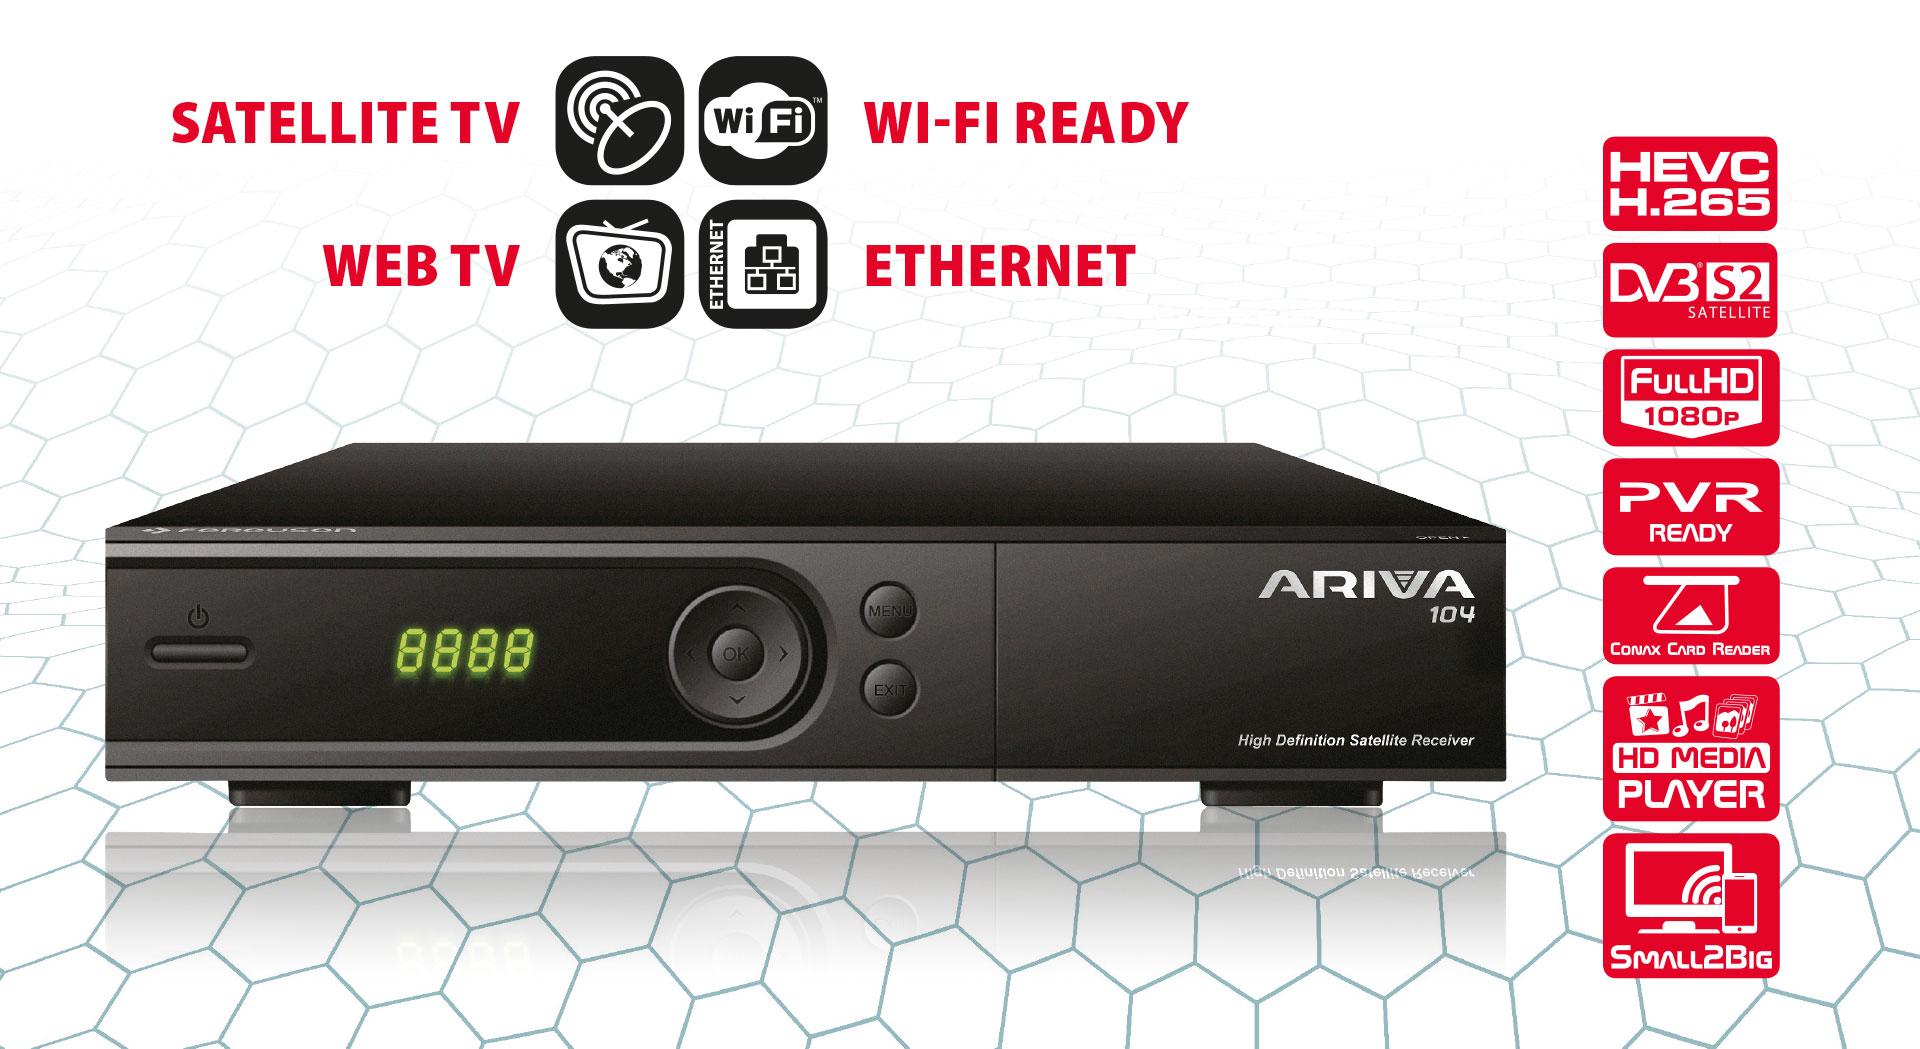 Ariva 104